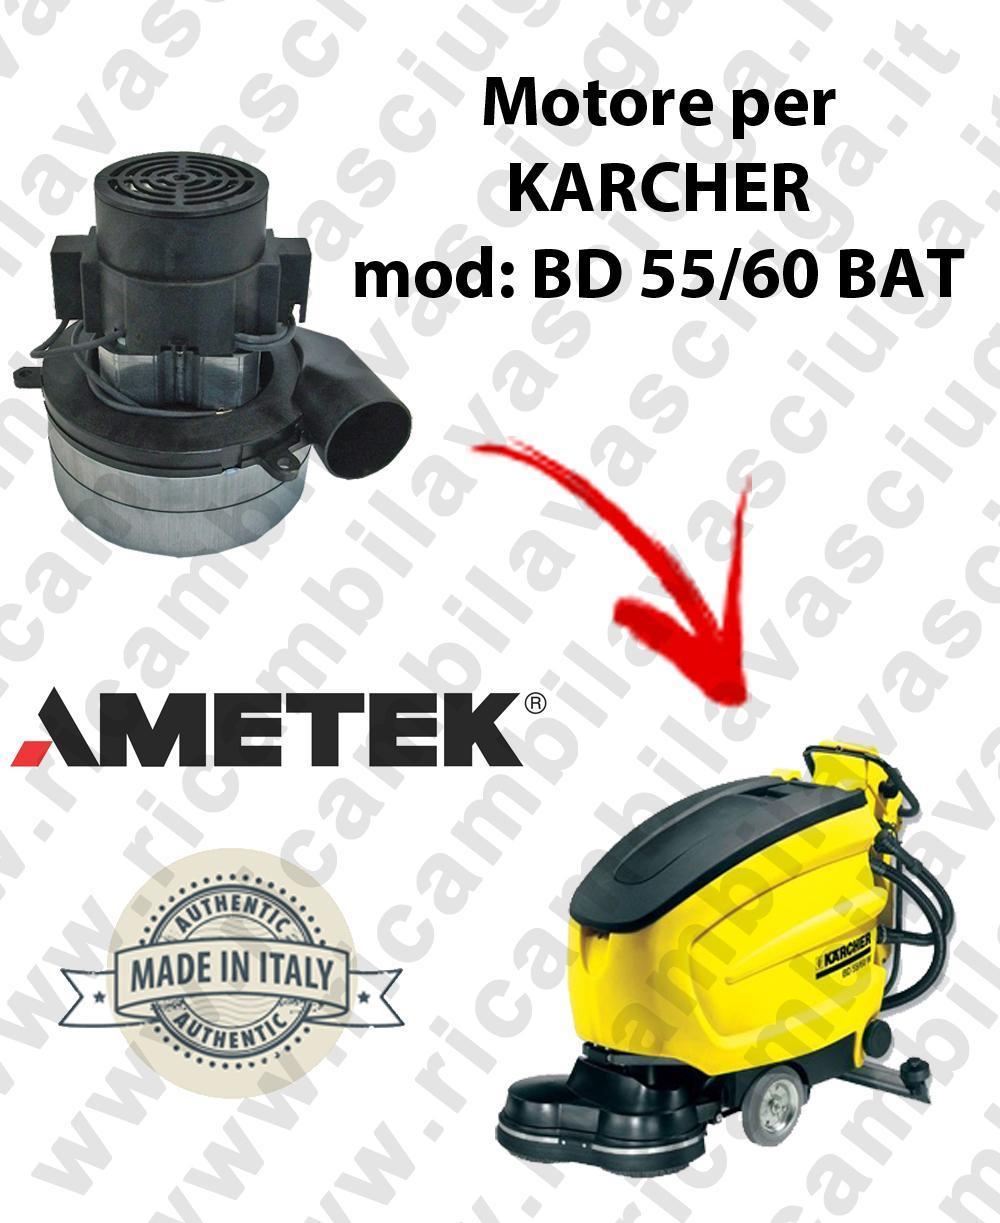 BD 55/60 Ametek vacuum motor for scrubber dryer KARCHER